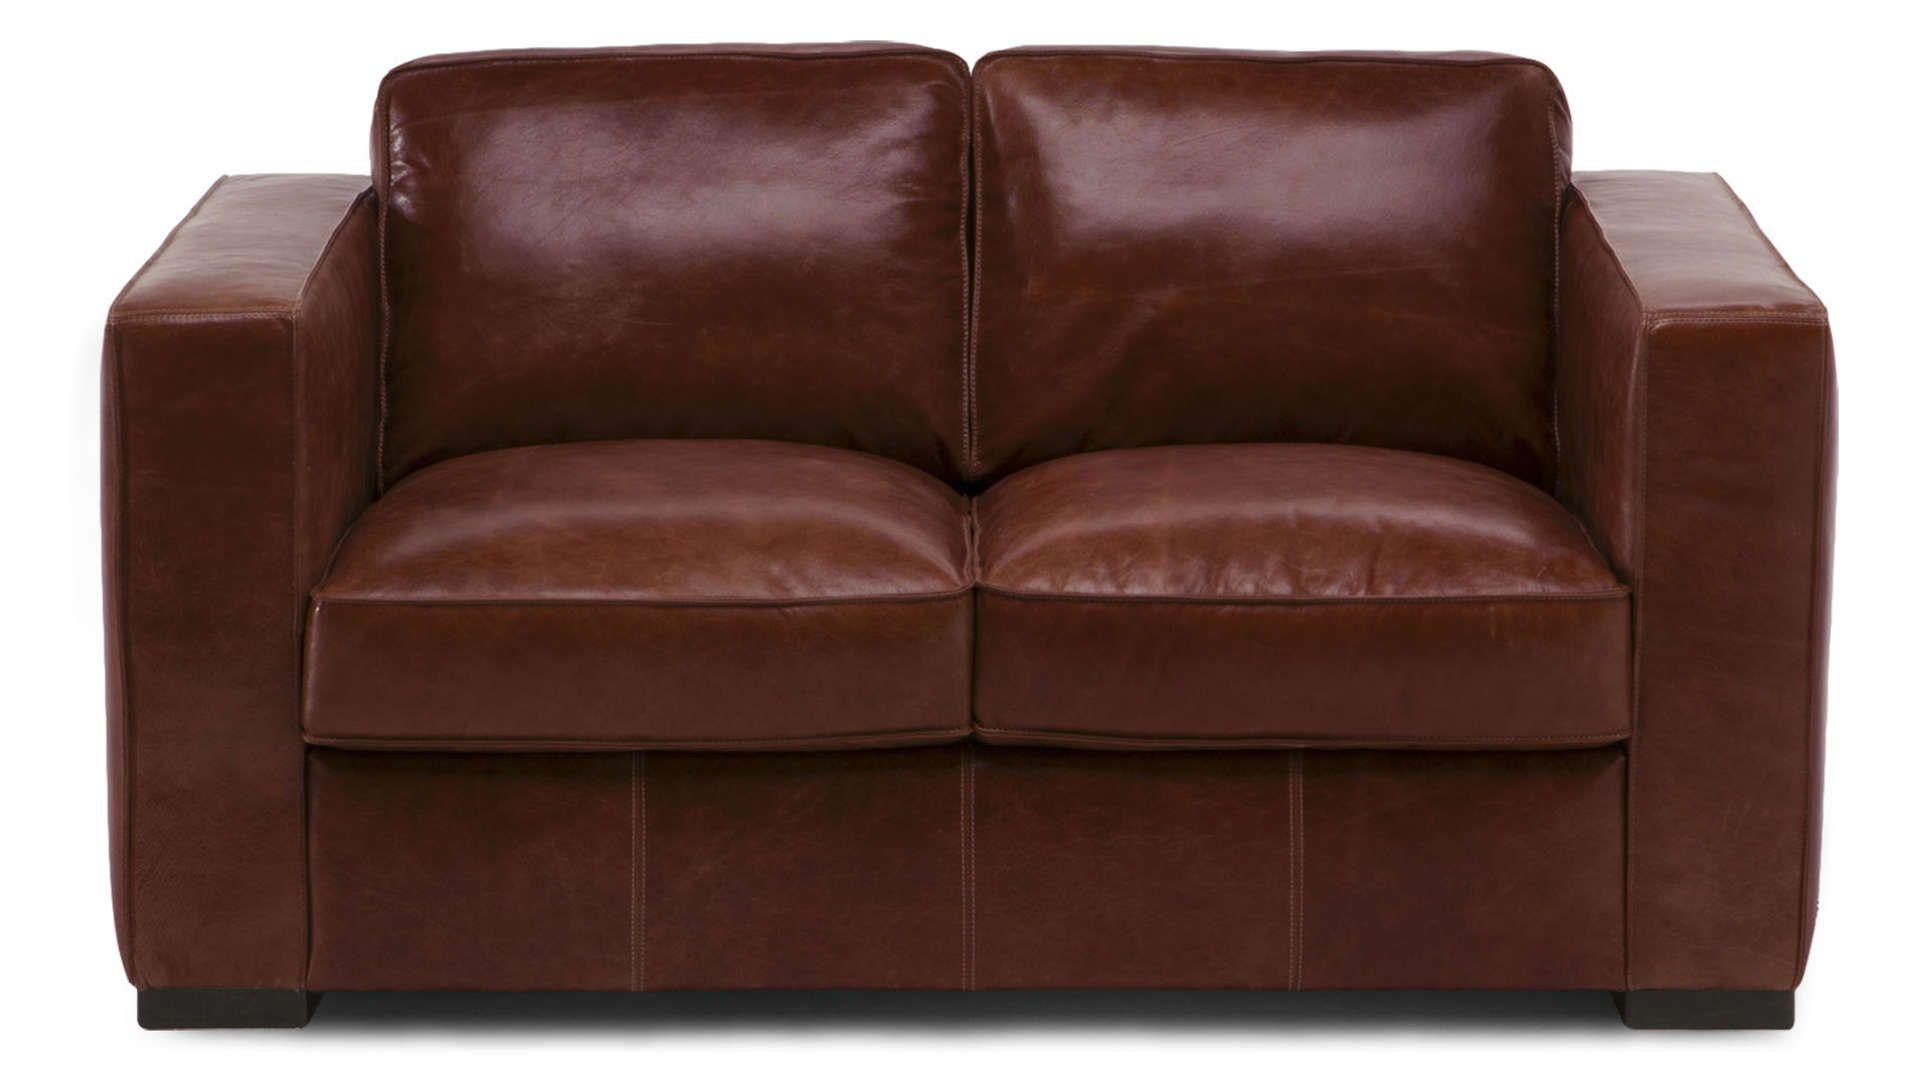 Canape Fixe 2 Places En Cuir Havane Coloris Rouge Vintage Canape Fixe Canape Fixe 2 Places Conforama